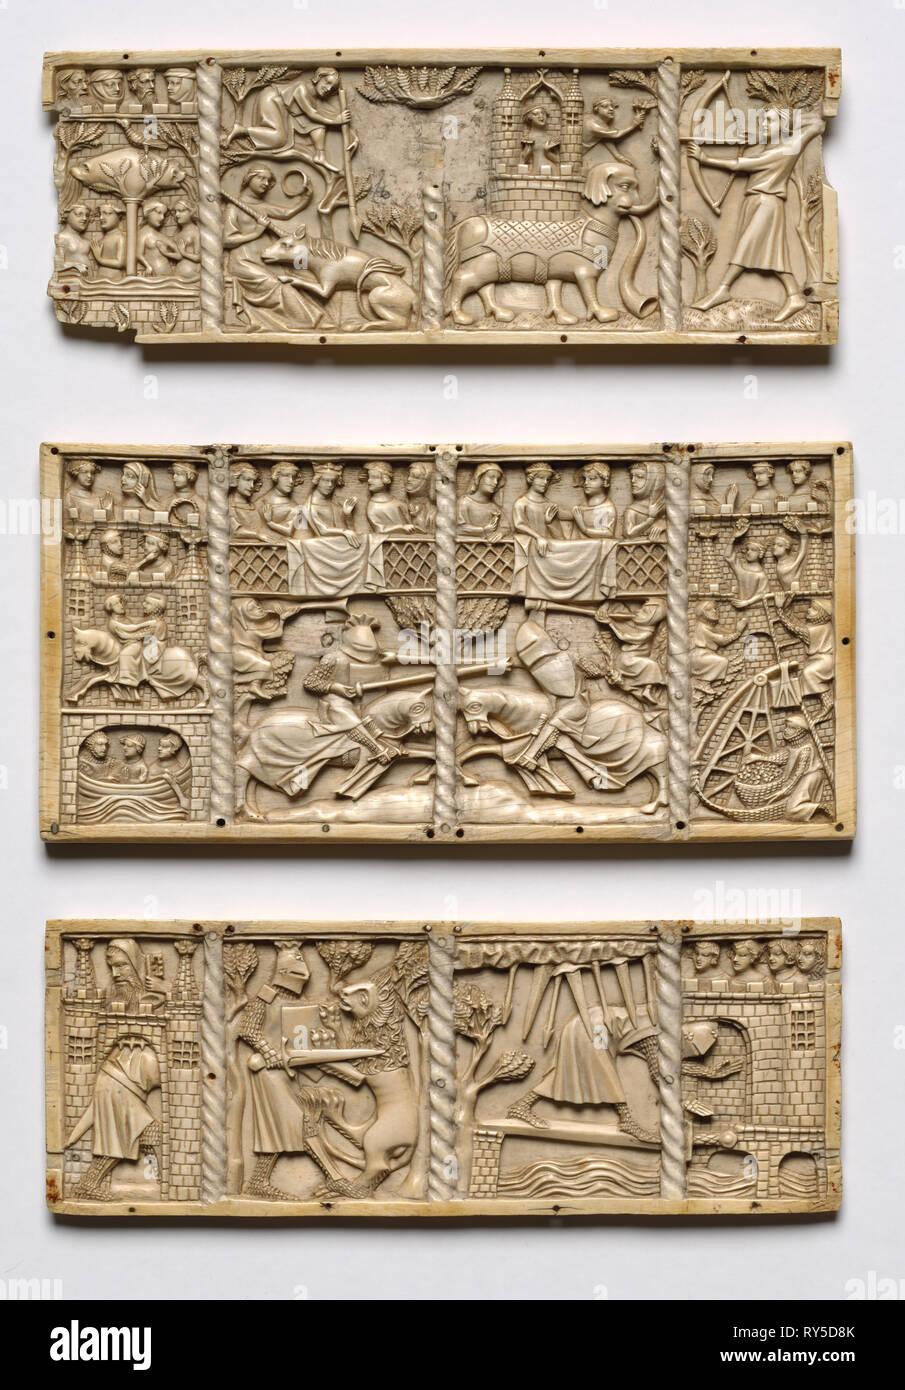 Ensemble de trois panneaux d'un cercueil avec des scènes de romans Courtois, c. 1330-50. France, Lorraine?, la période gothique, 14ème siècle. L'ivoire; Total: 13 x 26,2 x 1 cm (5 1/8 x 10 5/16 x 3/8 in. Photo Stock